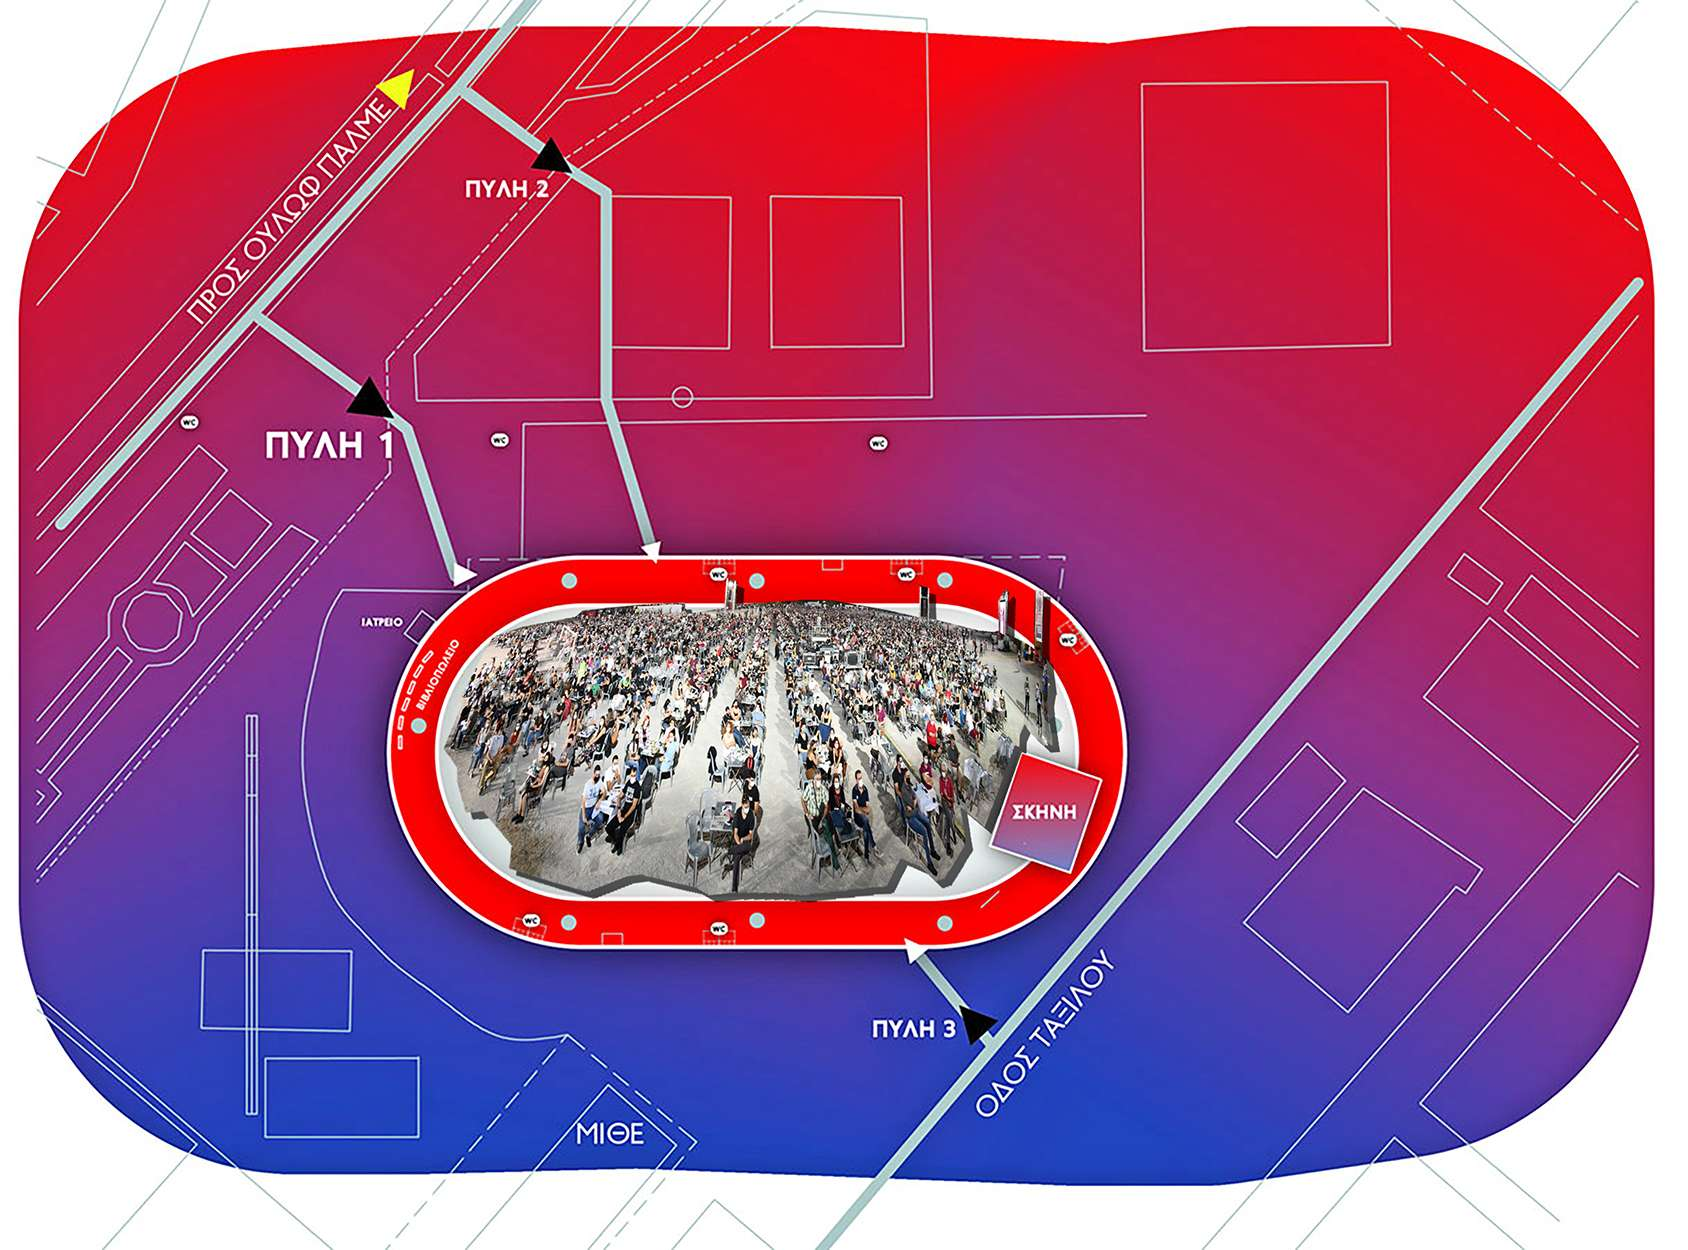 46ο Φεστιβάλ ΚΝΕ - «Οδηγητή», Πανεπιστημιούπολη Ζωγράφου plan